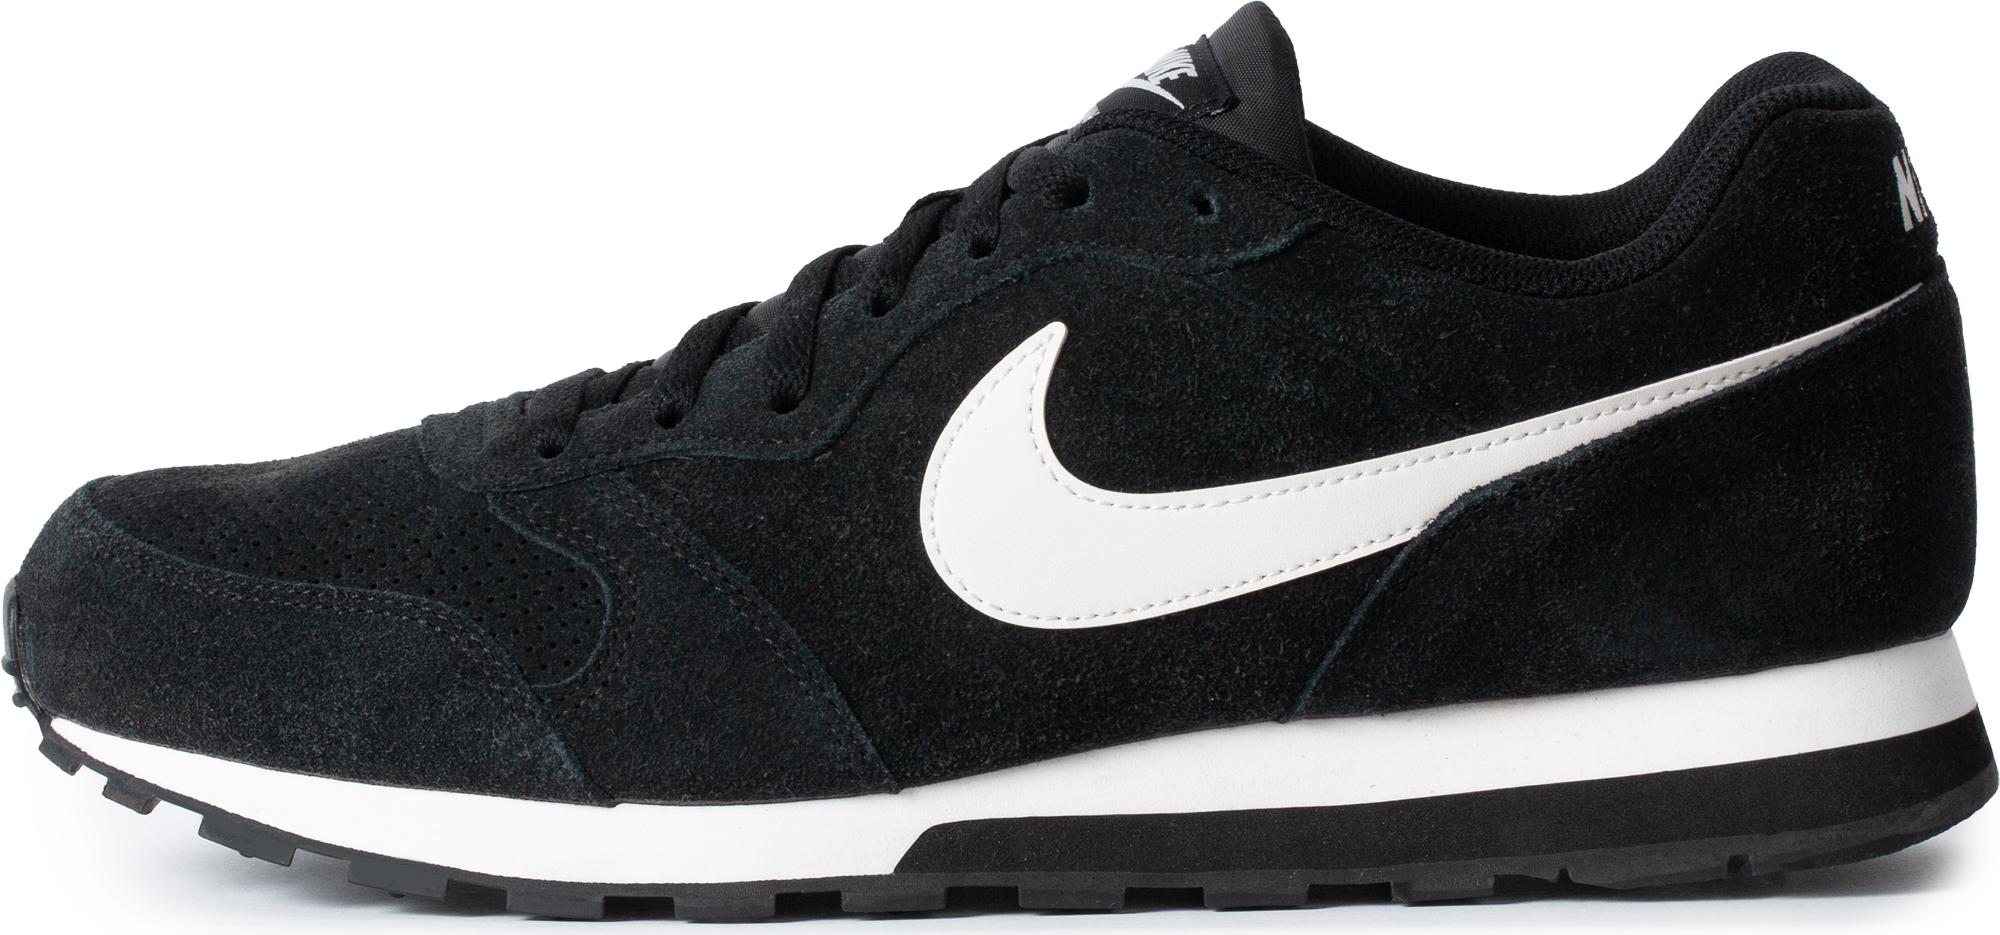 Nike Кроссовки мужские Nike Md Runner 2, размер 41